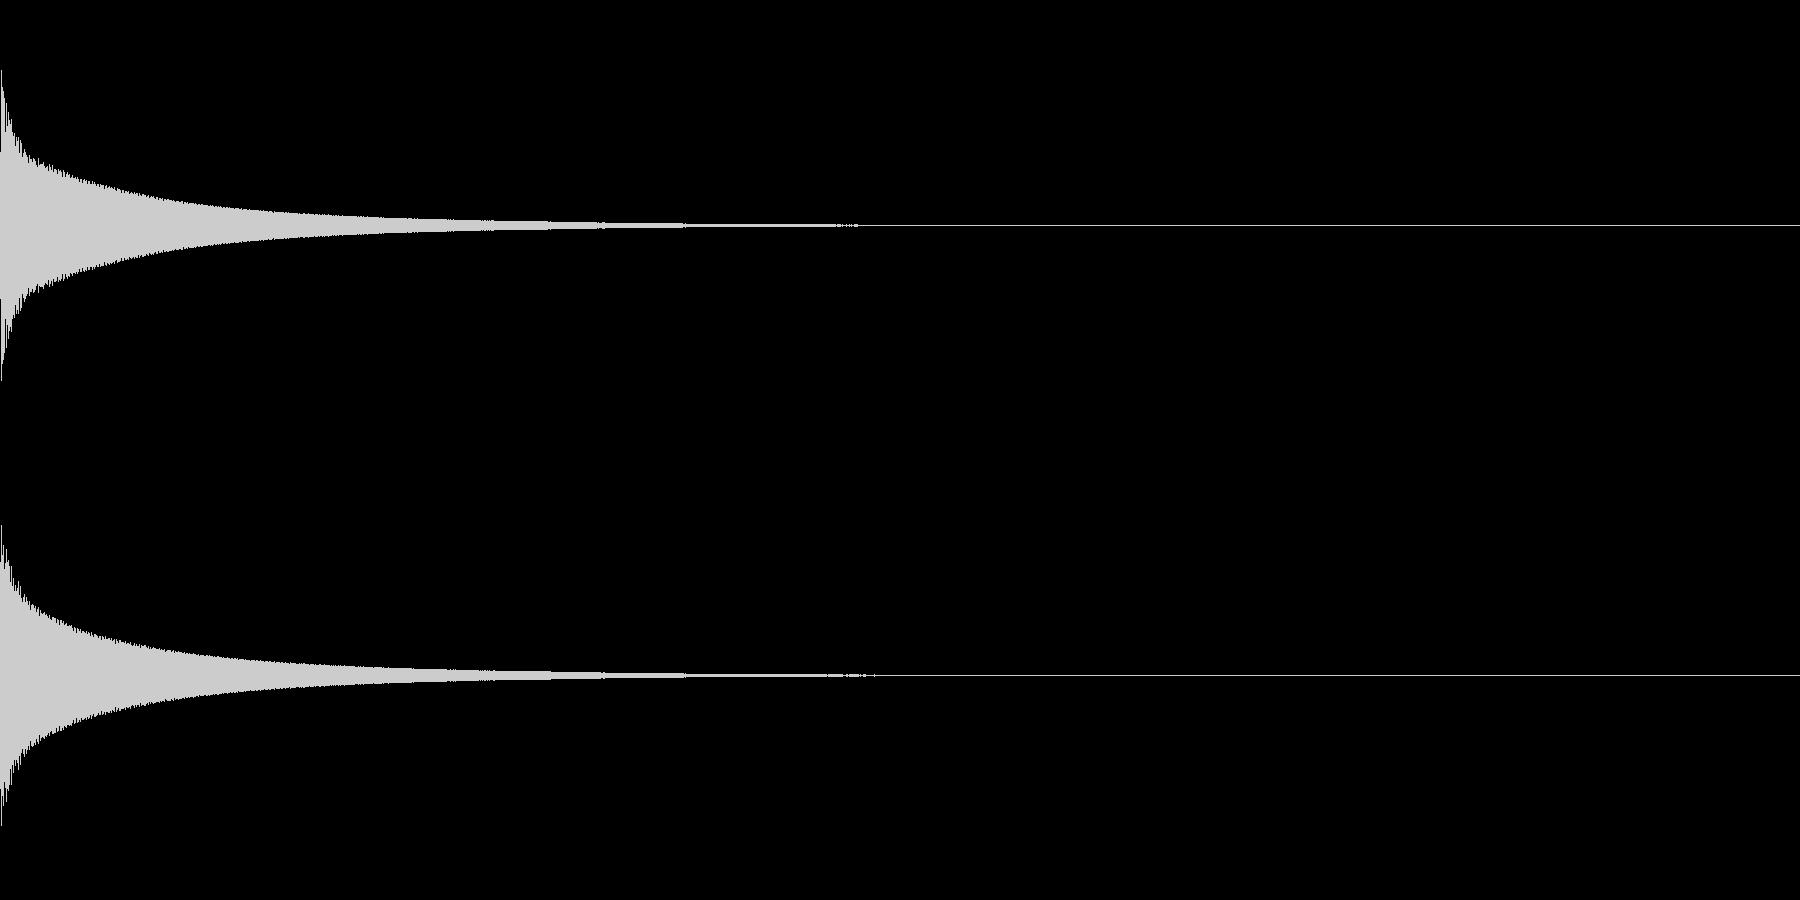 【生録音】カリンバ単音03_F4の未再生の波形